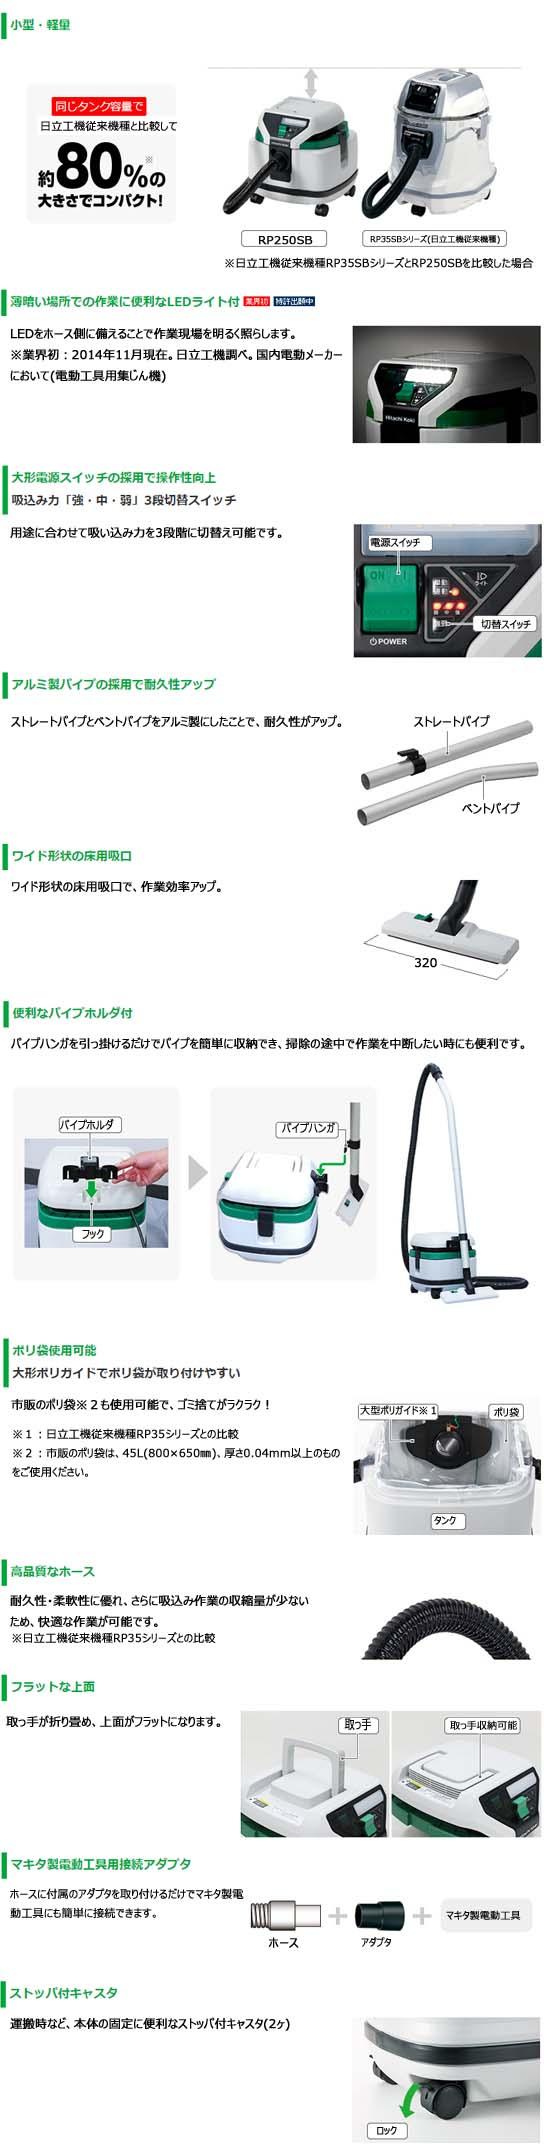 日立 電動工具用集じん機 RP350SE